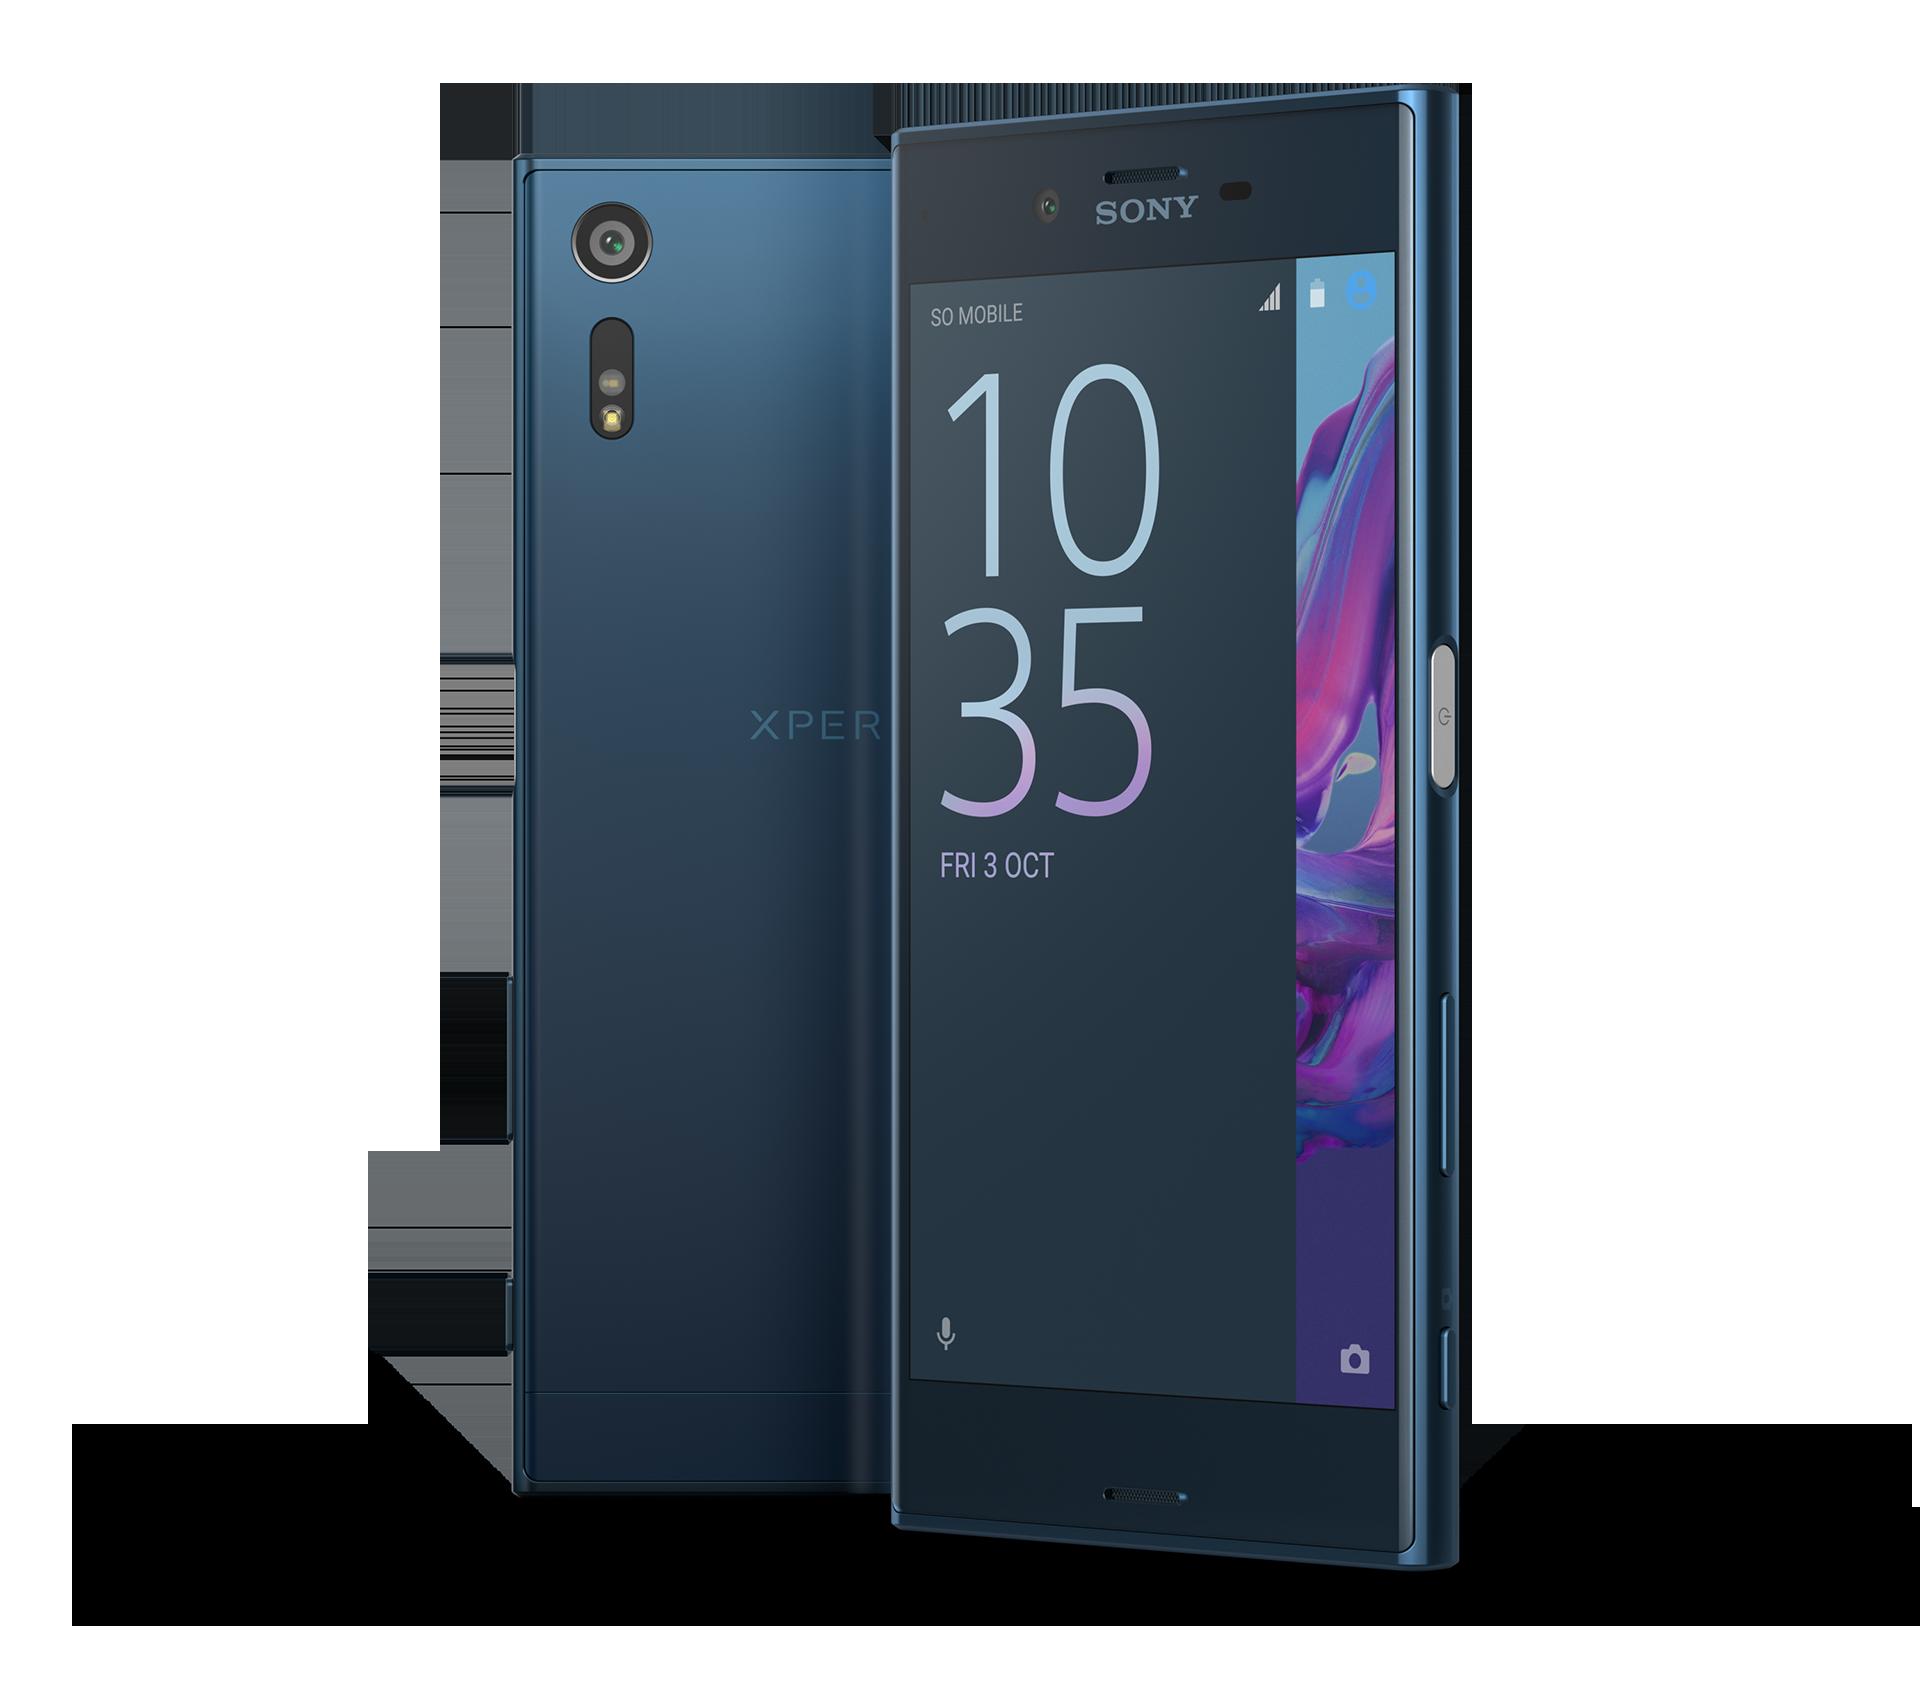 Sony Xperia XZ 32GB Single SIM Forest Blue